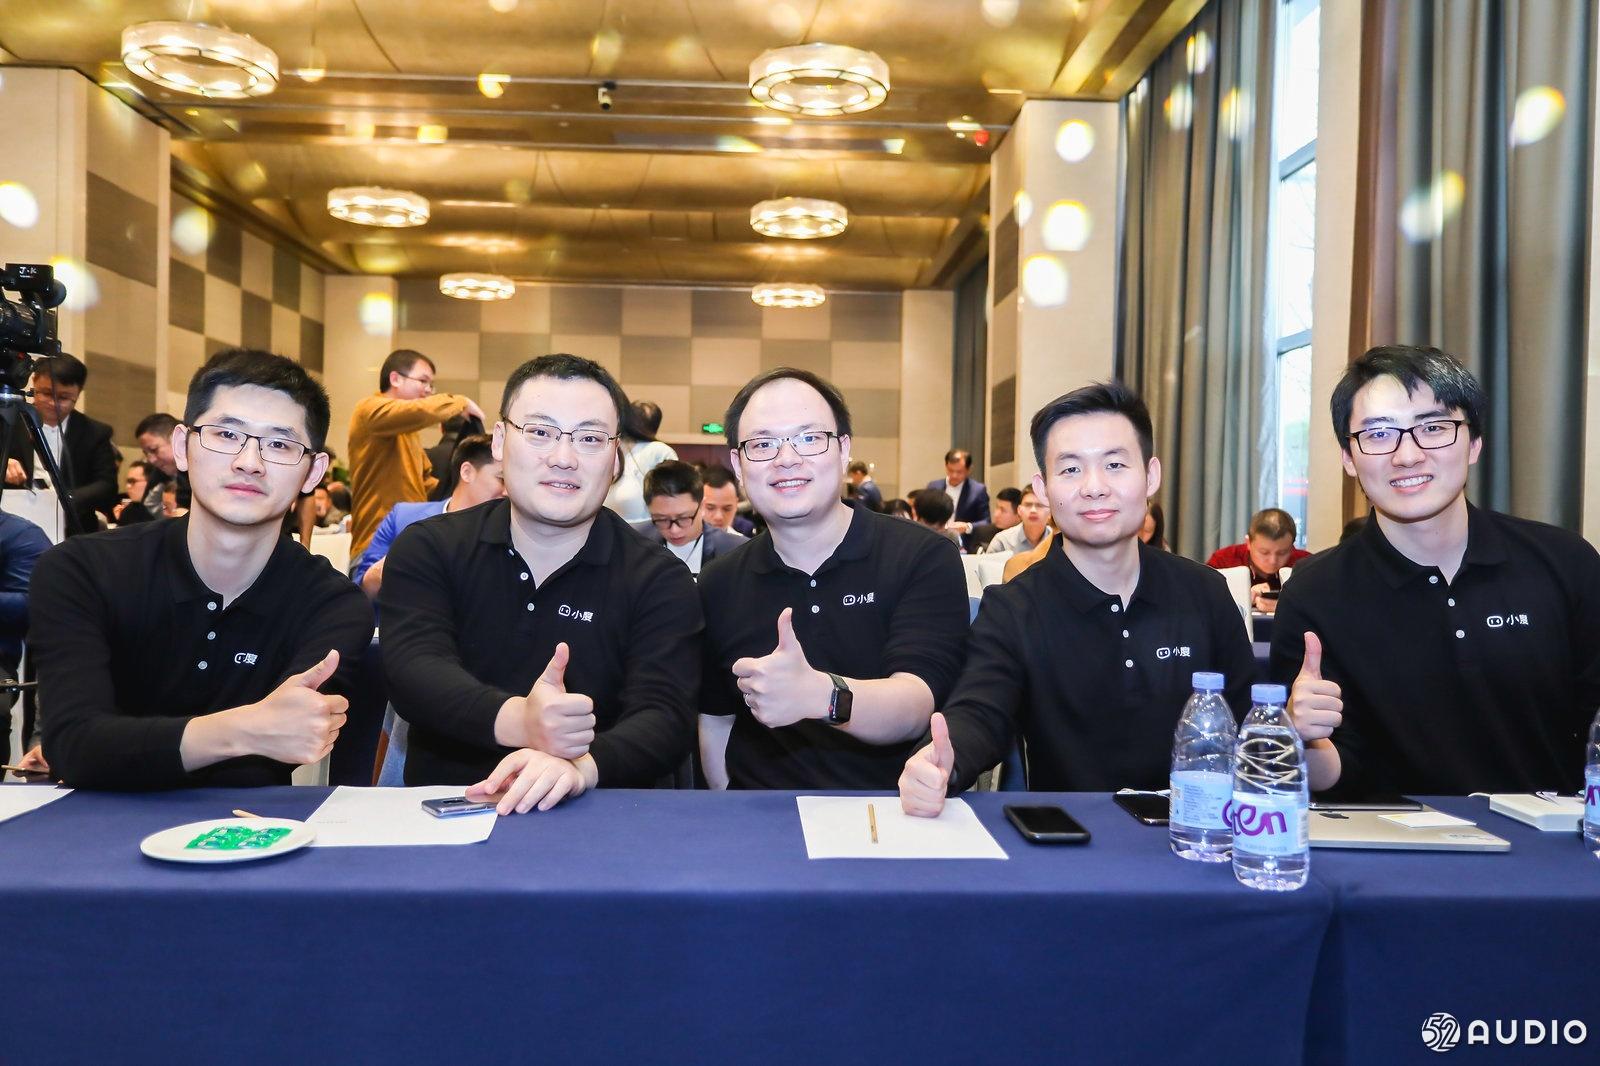 聚焦小度蓝牙联盟峰会:开创对话式AI技术+蓝牙设备的智慧未来-我爱音频网